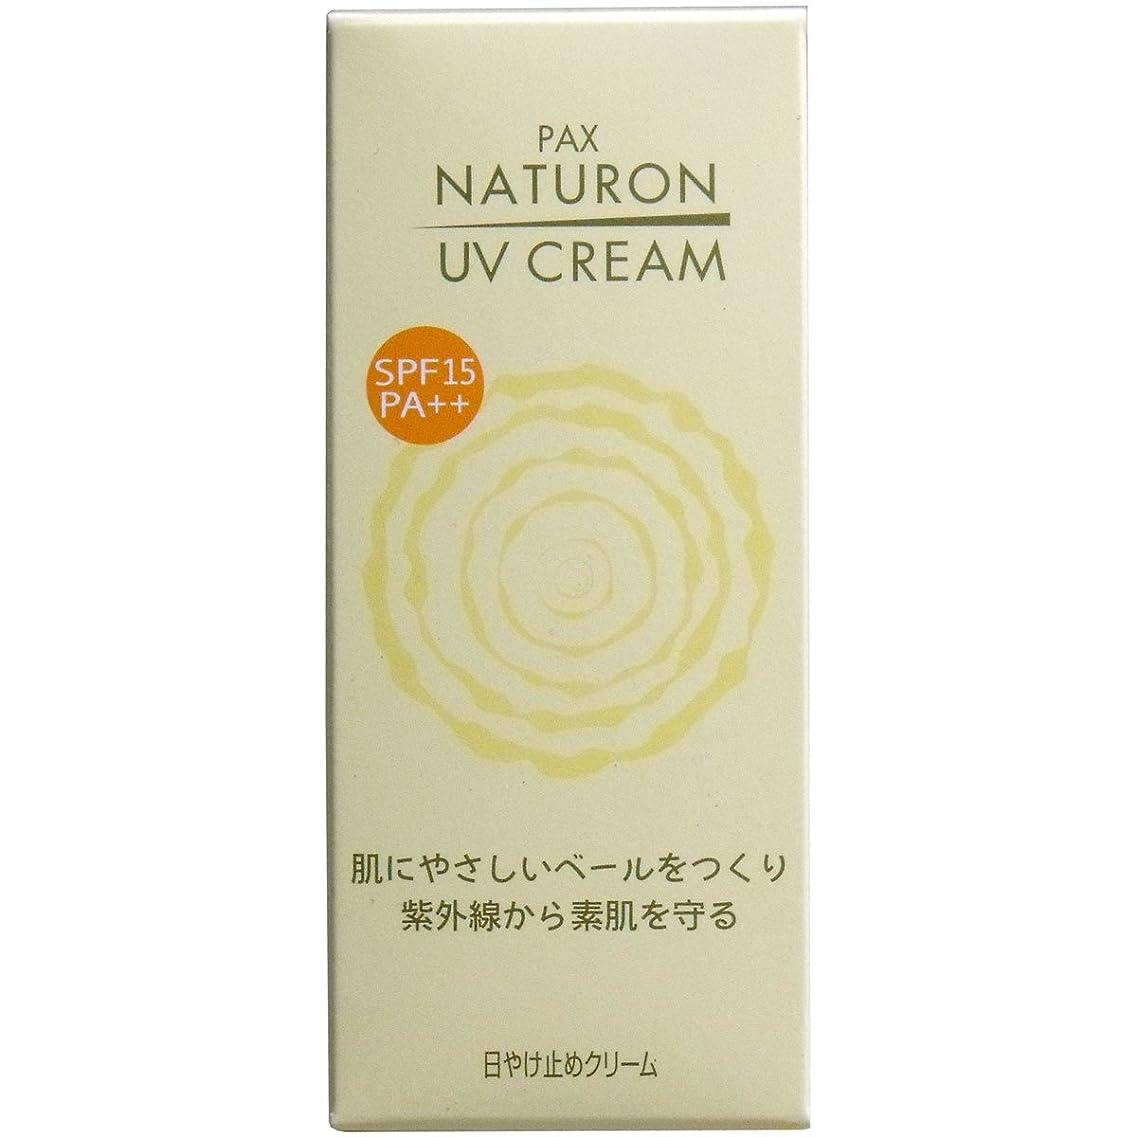 肌にやさしいベールをつくり紫外線から素肌を守る パックスナチュロン UVクリーム 日やけ止めクリーム 45g 2個セット